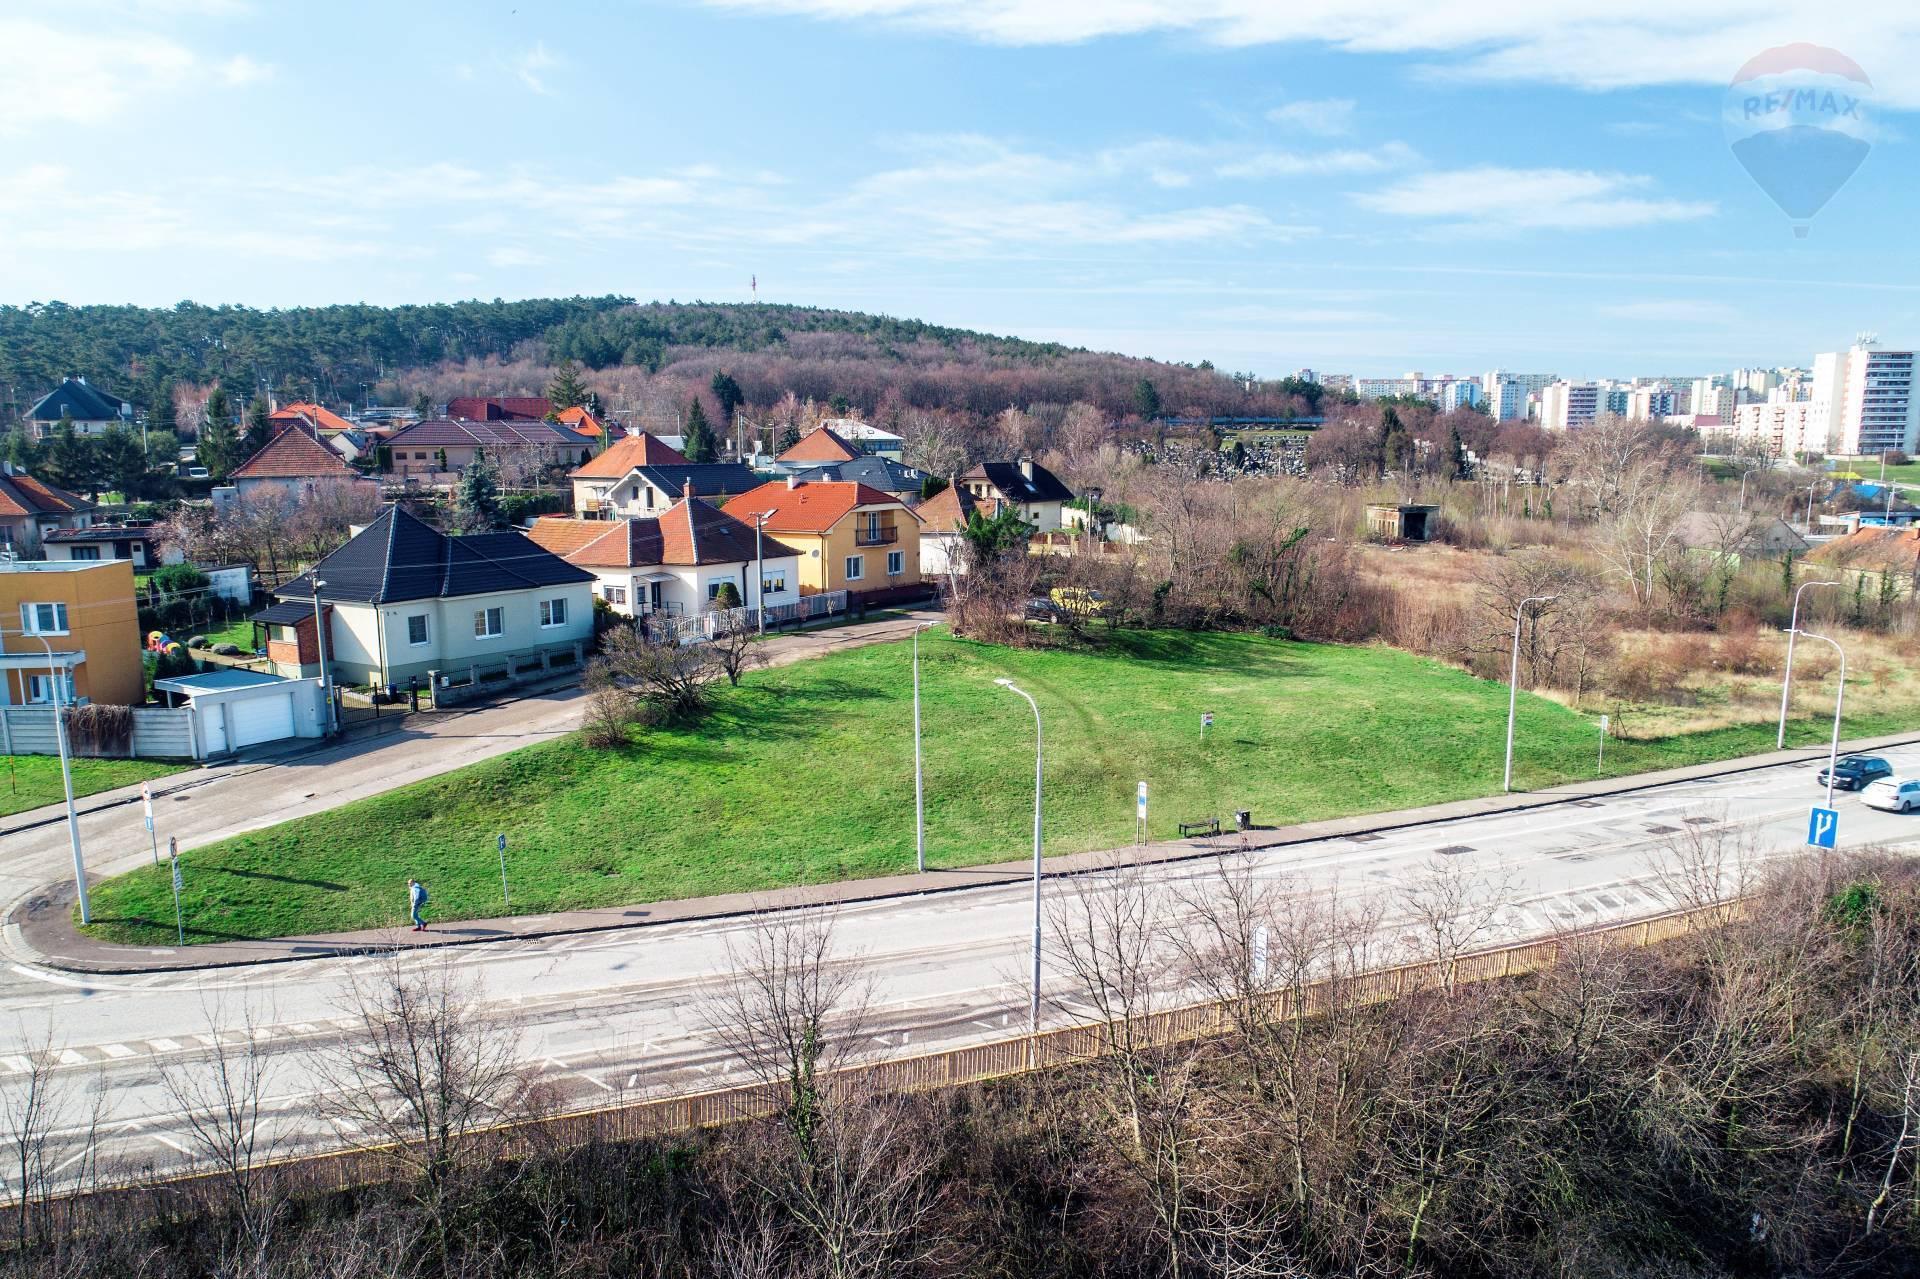 Realitná kancelária REMAX ponúka na predaj lukratívny komerčný stavebný pozemok v meste Nitra.